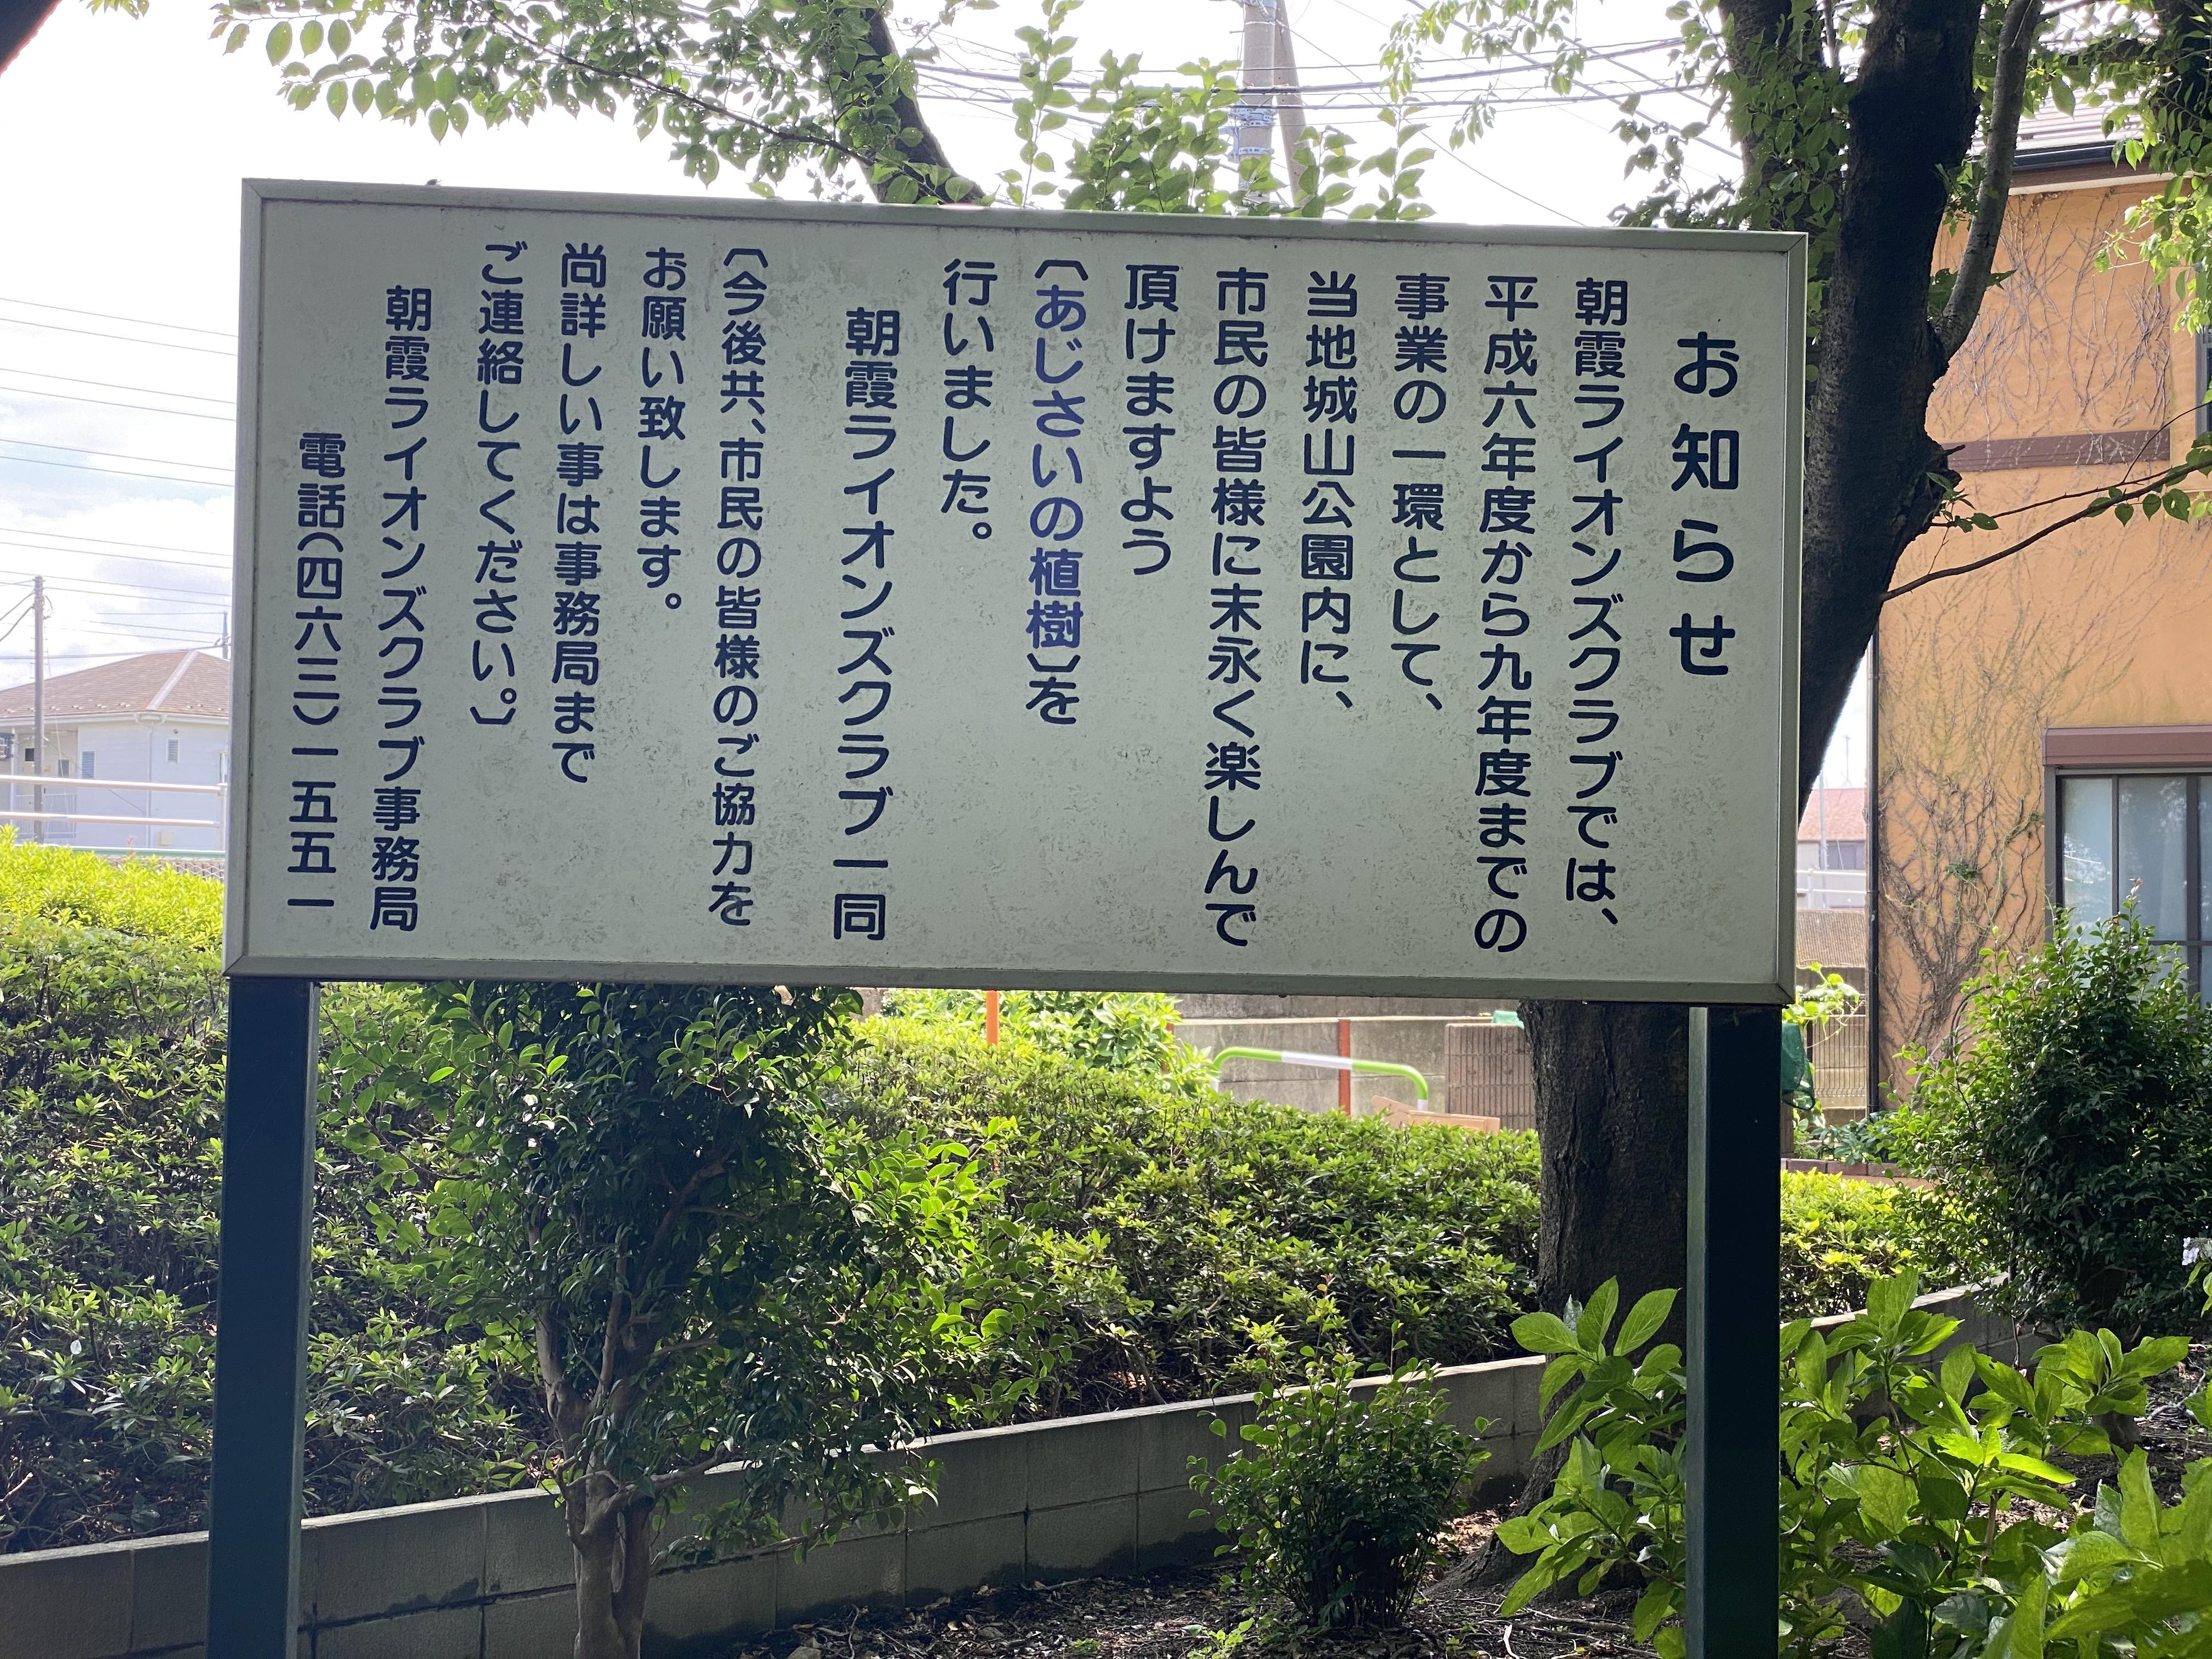 お知らせ(朝霞ライオンズクラブ)